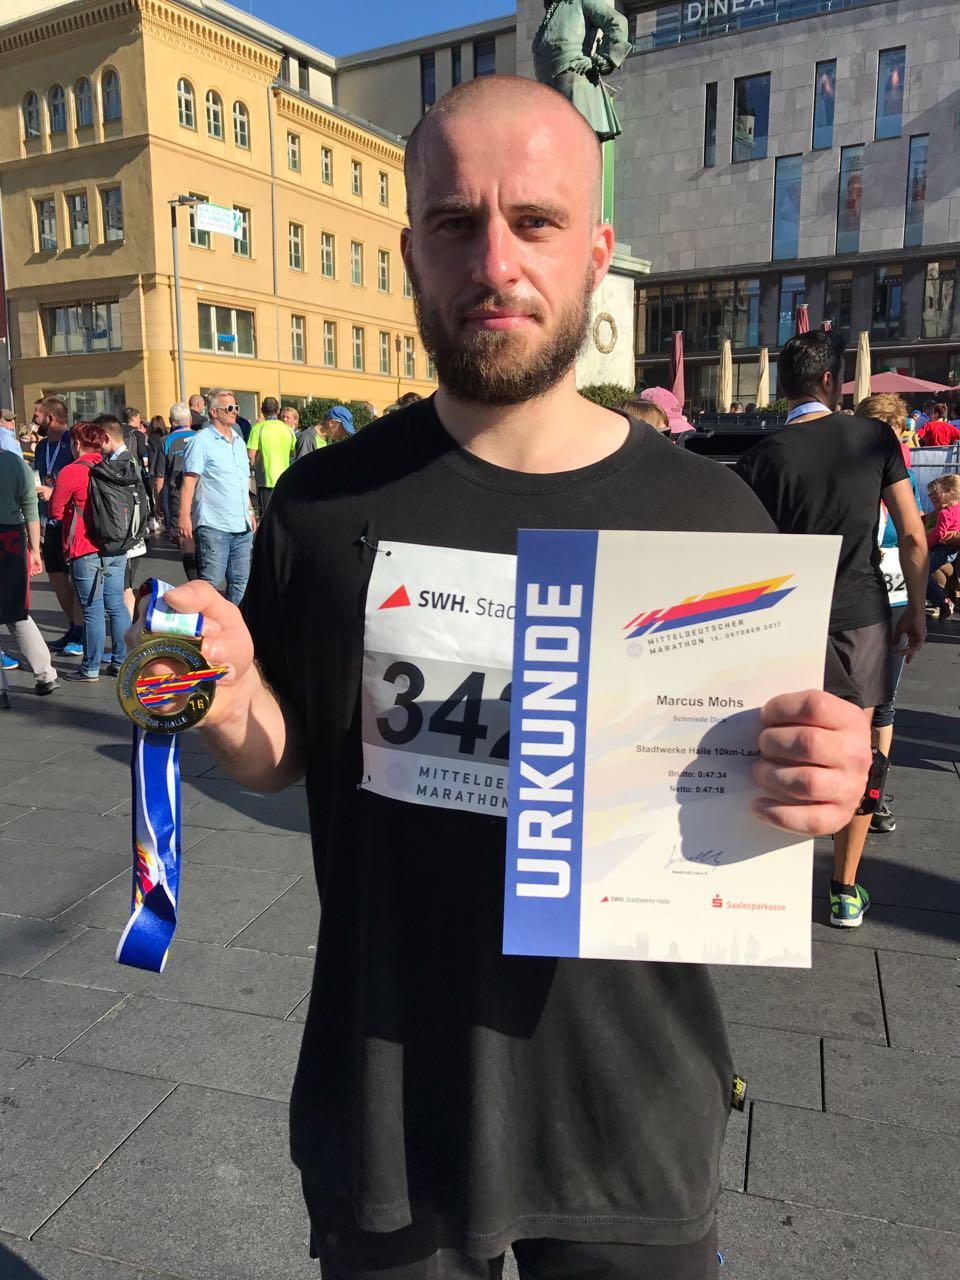 Mitteldeutscher Marathon in Halle